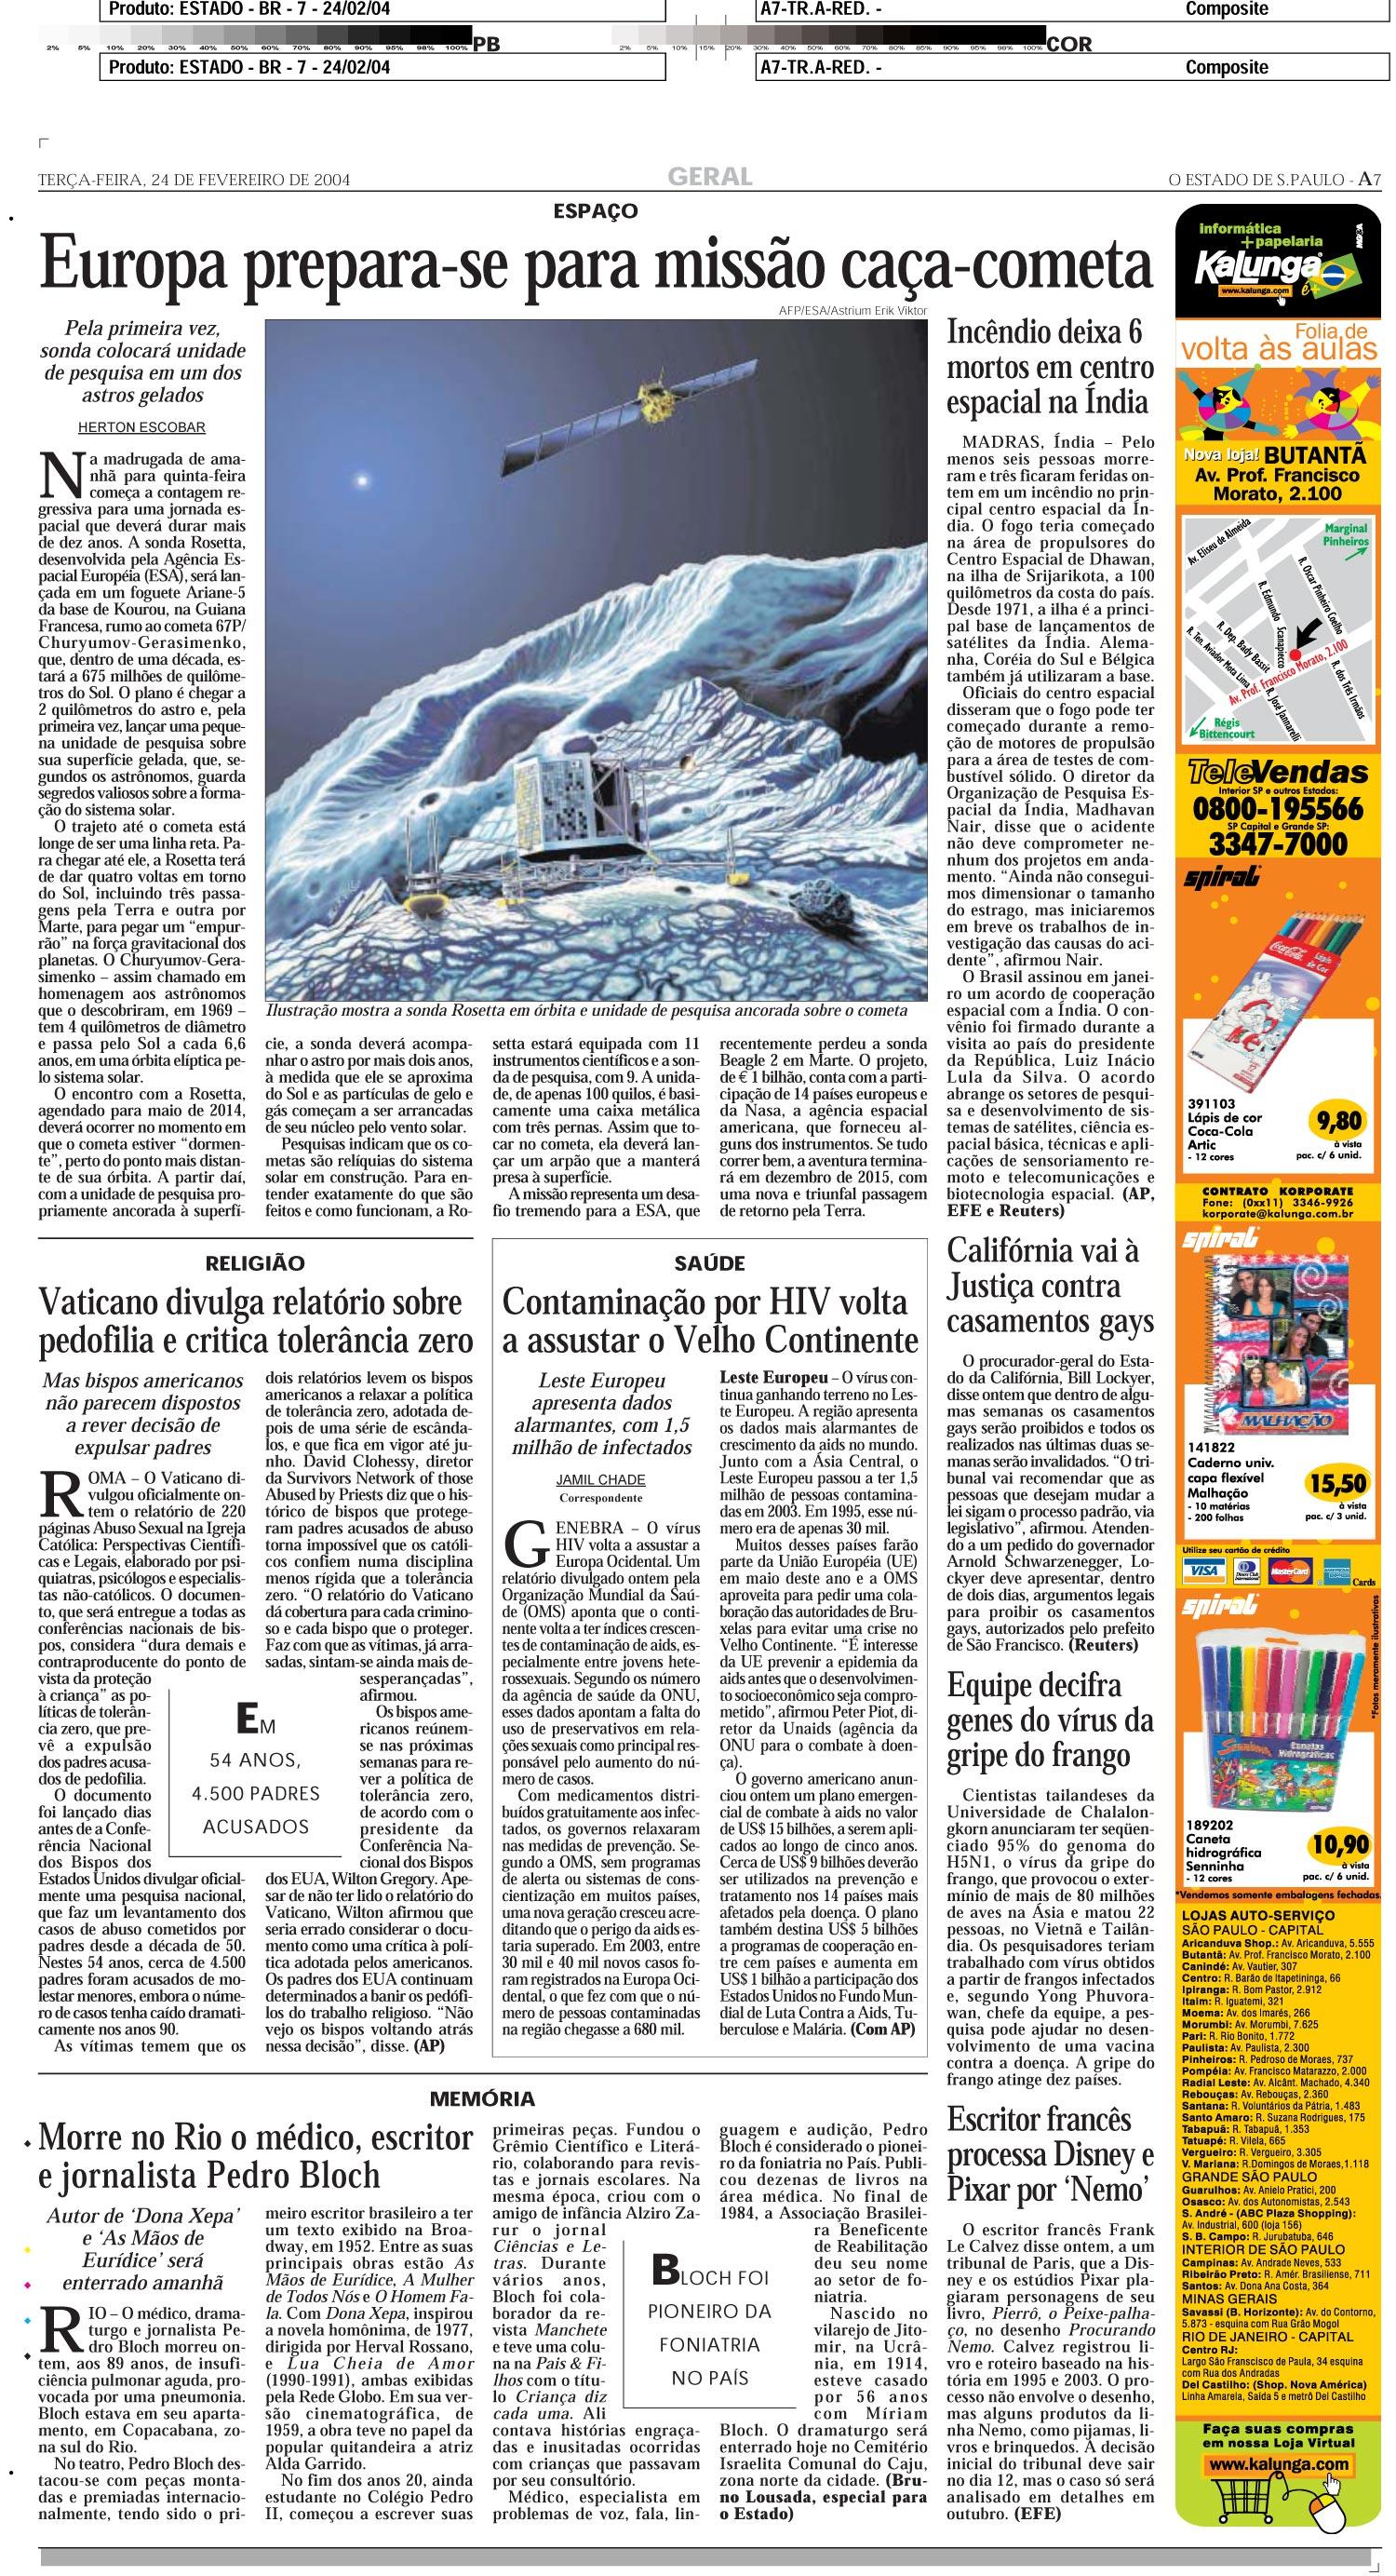 Europa prepara-se para missão caça-cometa